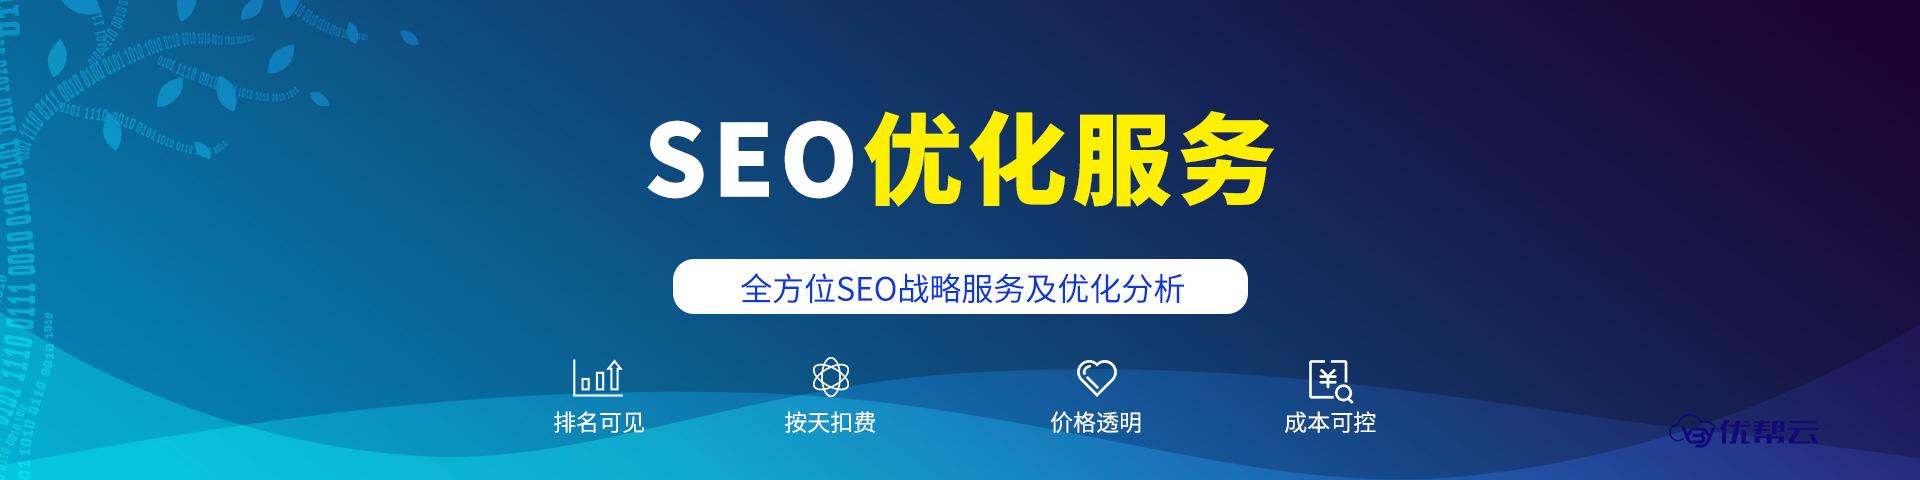 全方位SEO战略服务及优化分析,排名可见、按天扣费、价格透明、成本可控!